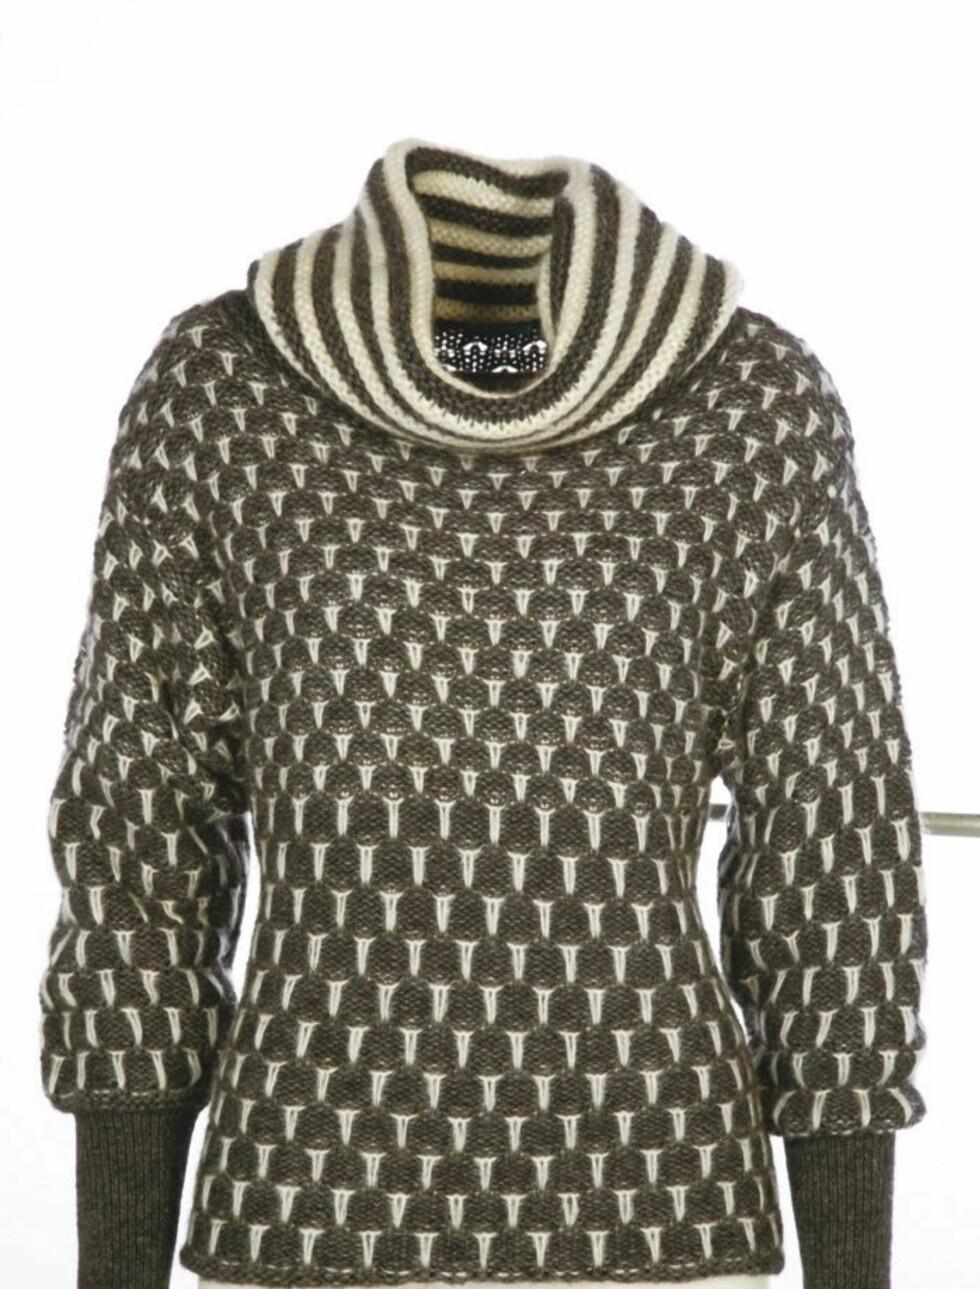 Husker du den gode gamle islenderen? Her er en feminin og flott variant - i grå og hvit strikk (kr 650, Benetton).